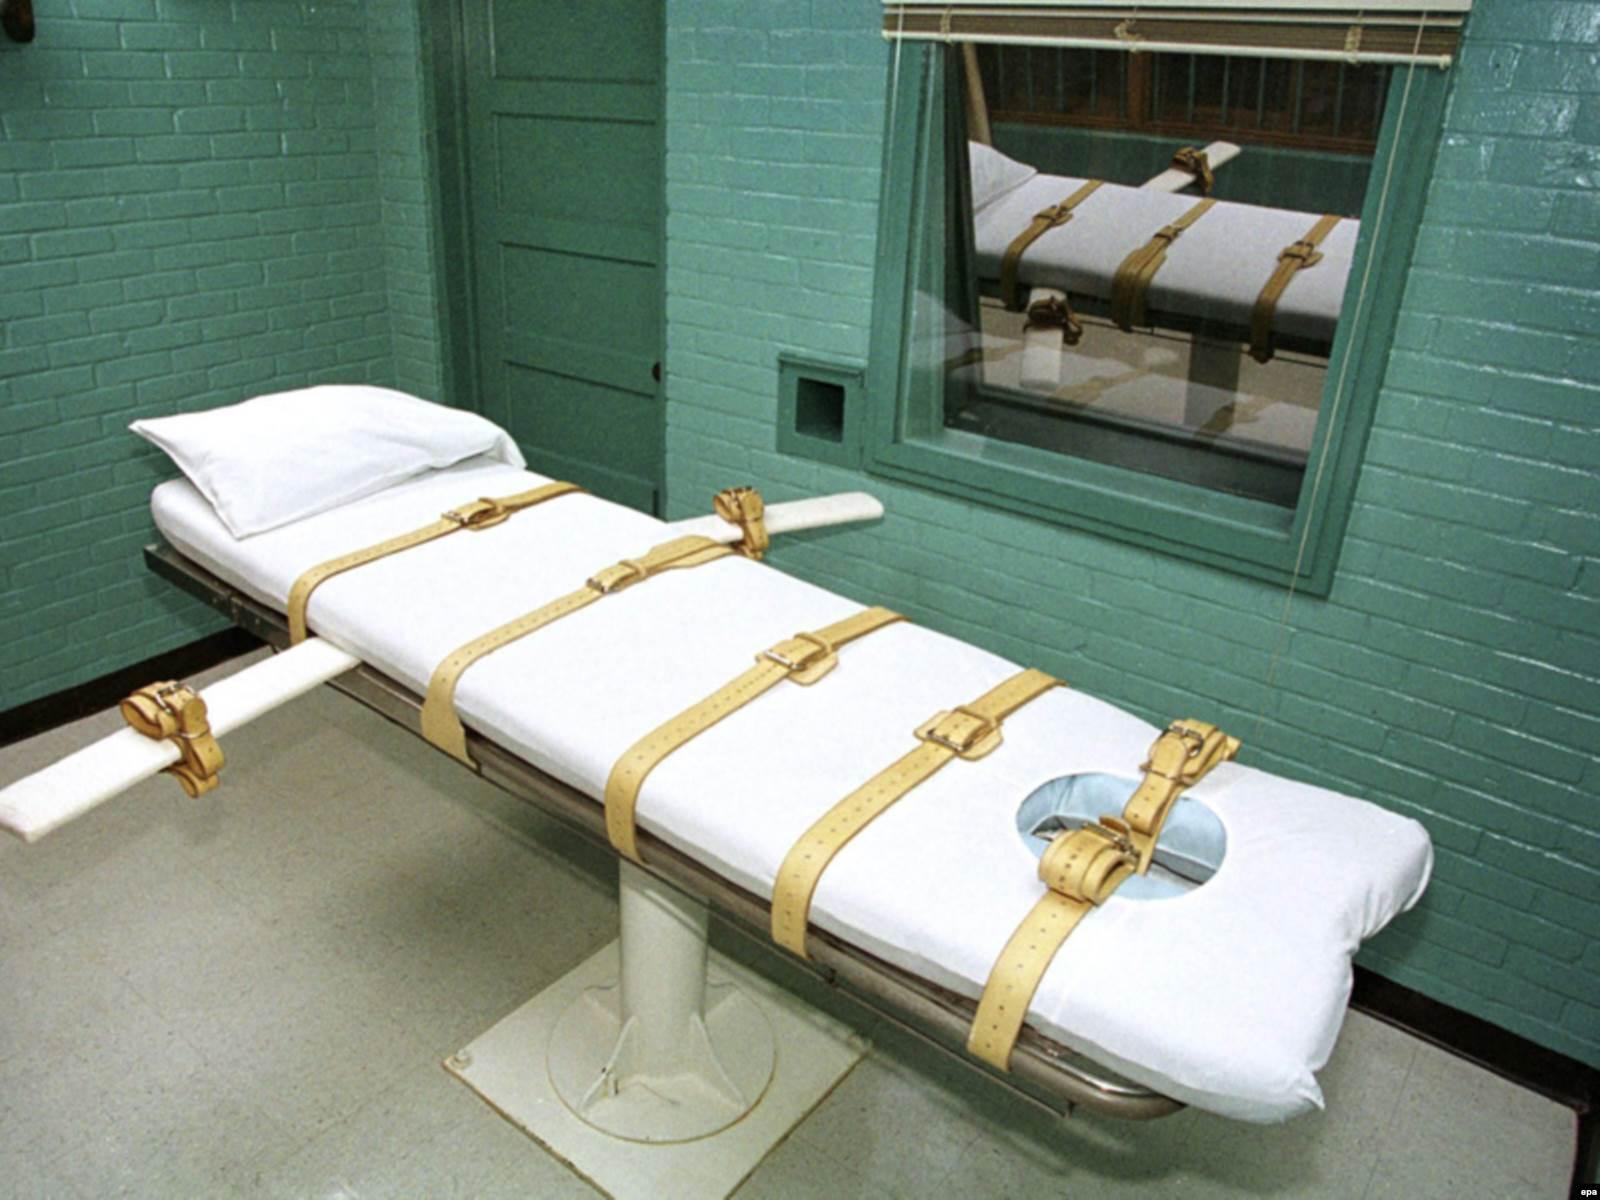 Комната для исполнения наказаний путем введения смертельной инъекции, тюрьма Хантсвилл Юнит, штат Техас, США. Фото: EPA